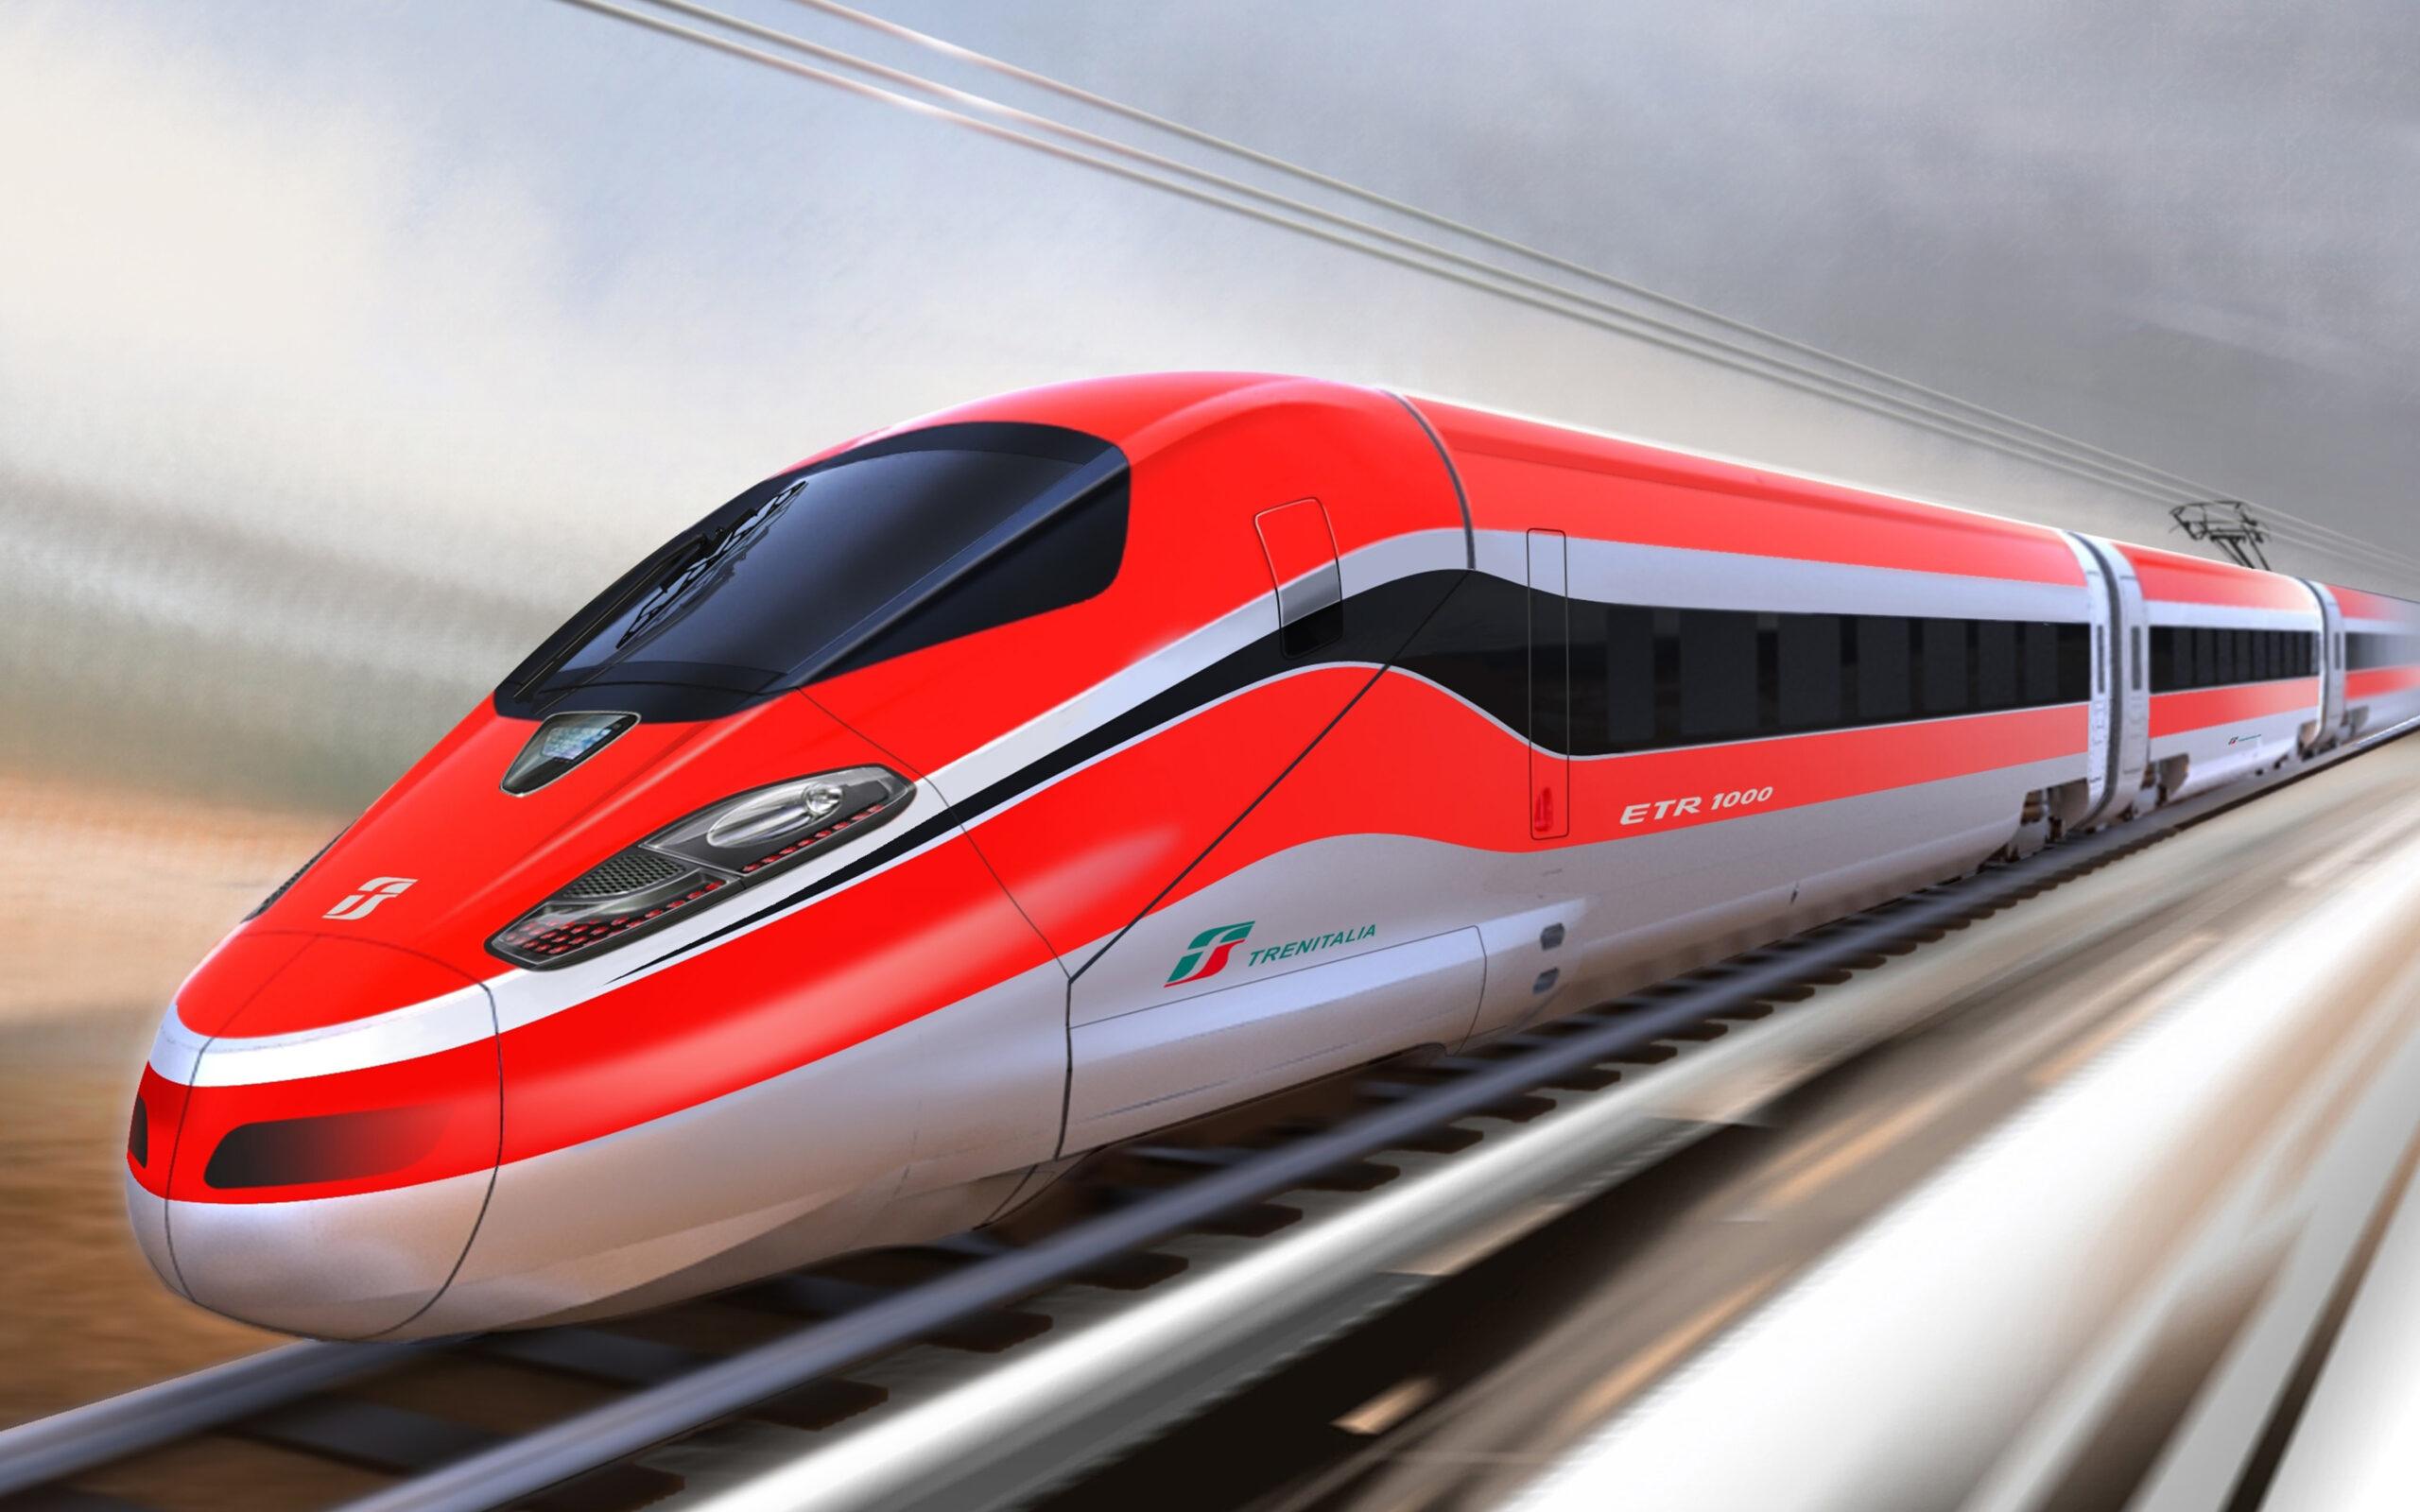 Alta velocità in Italia e Europa, a che punto siamo | BuildingCuE